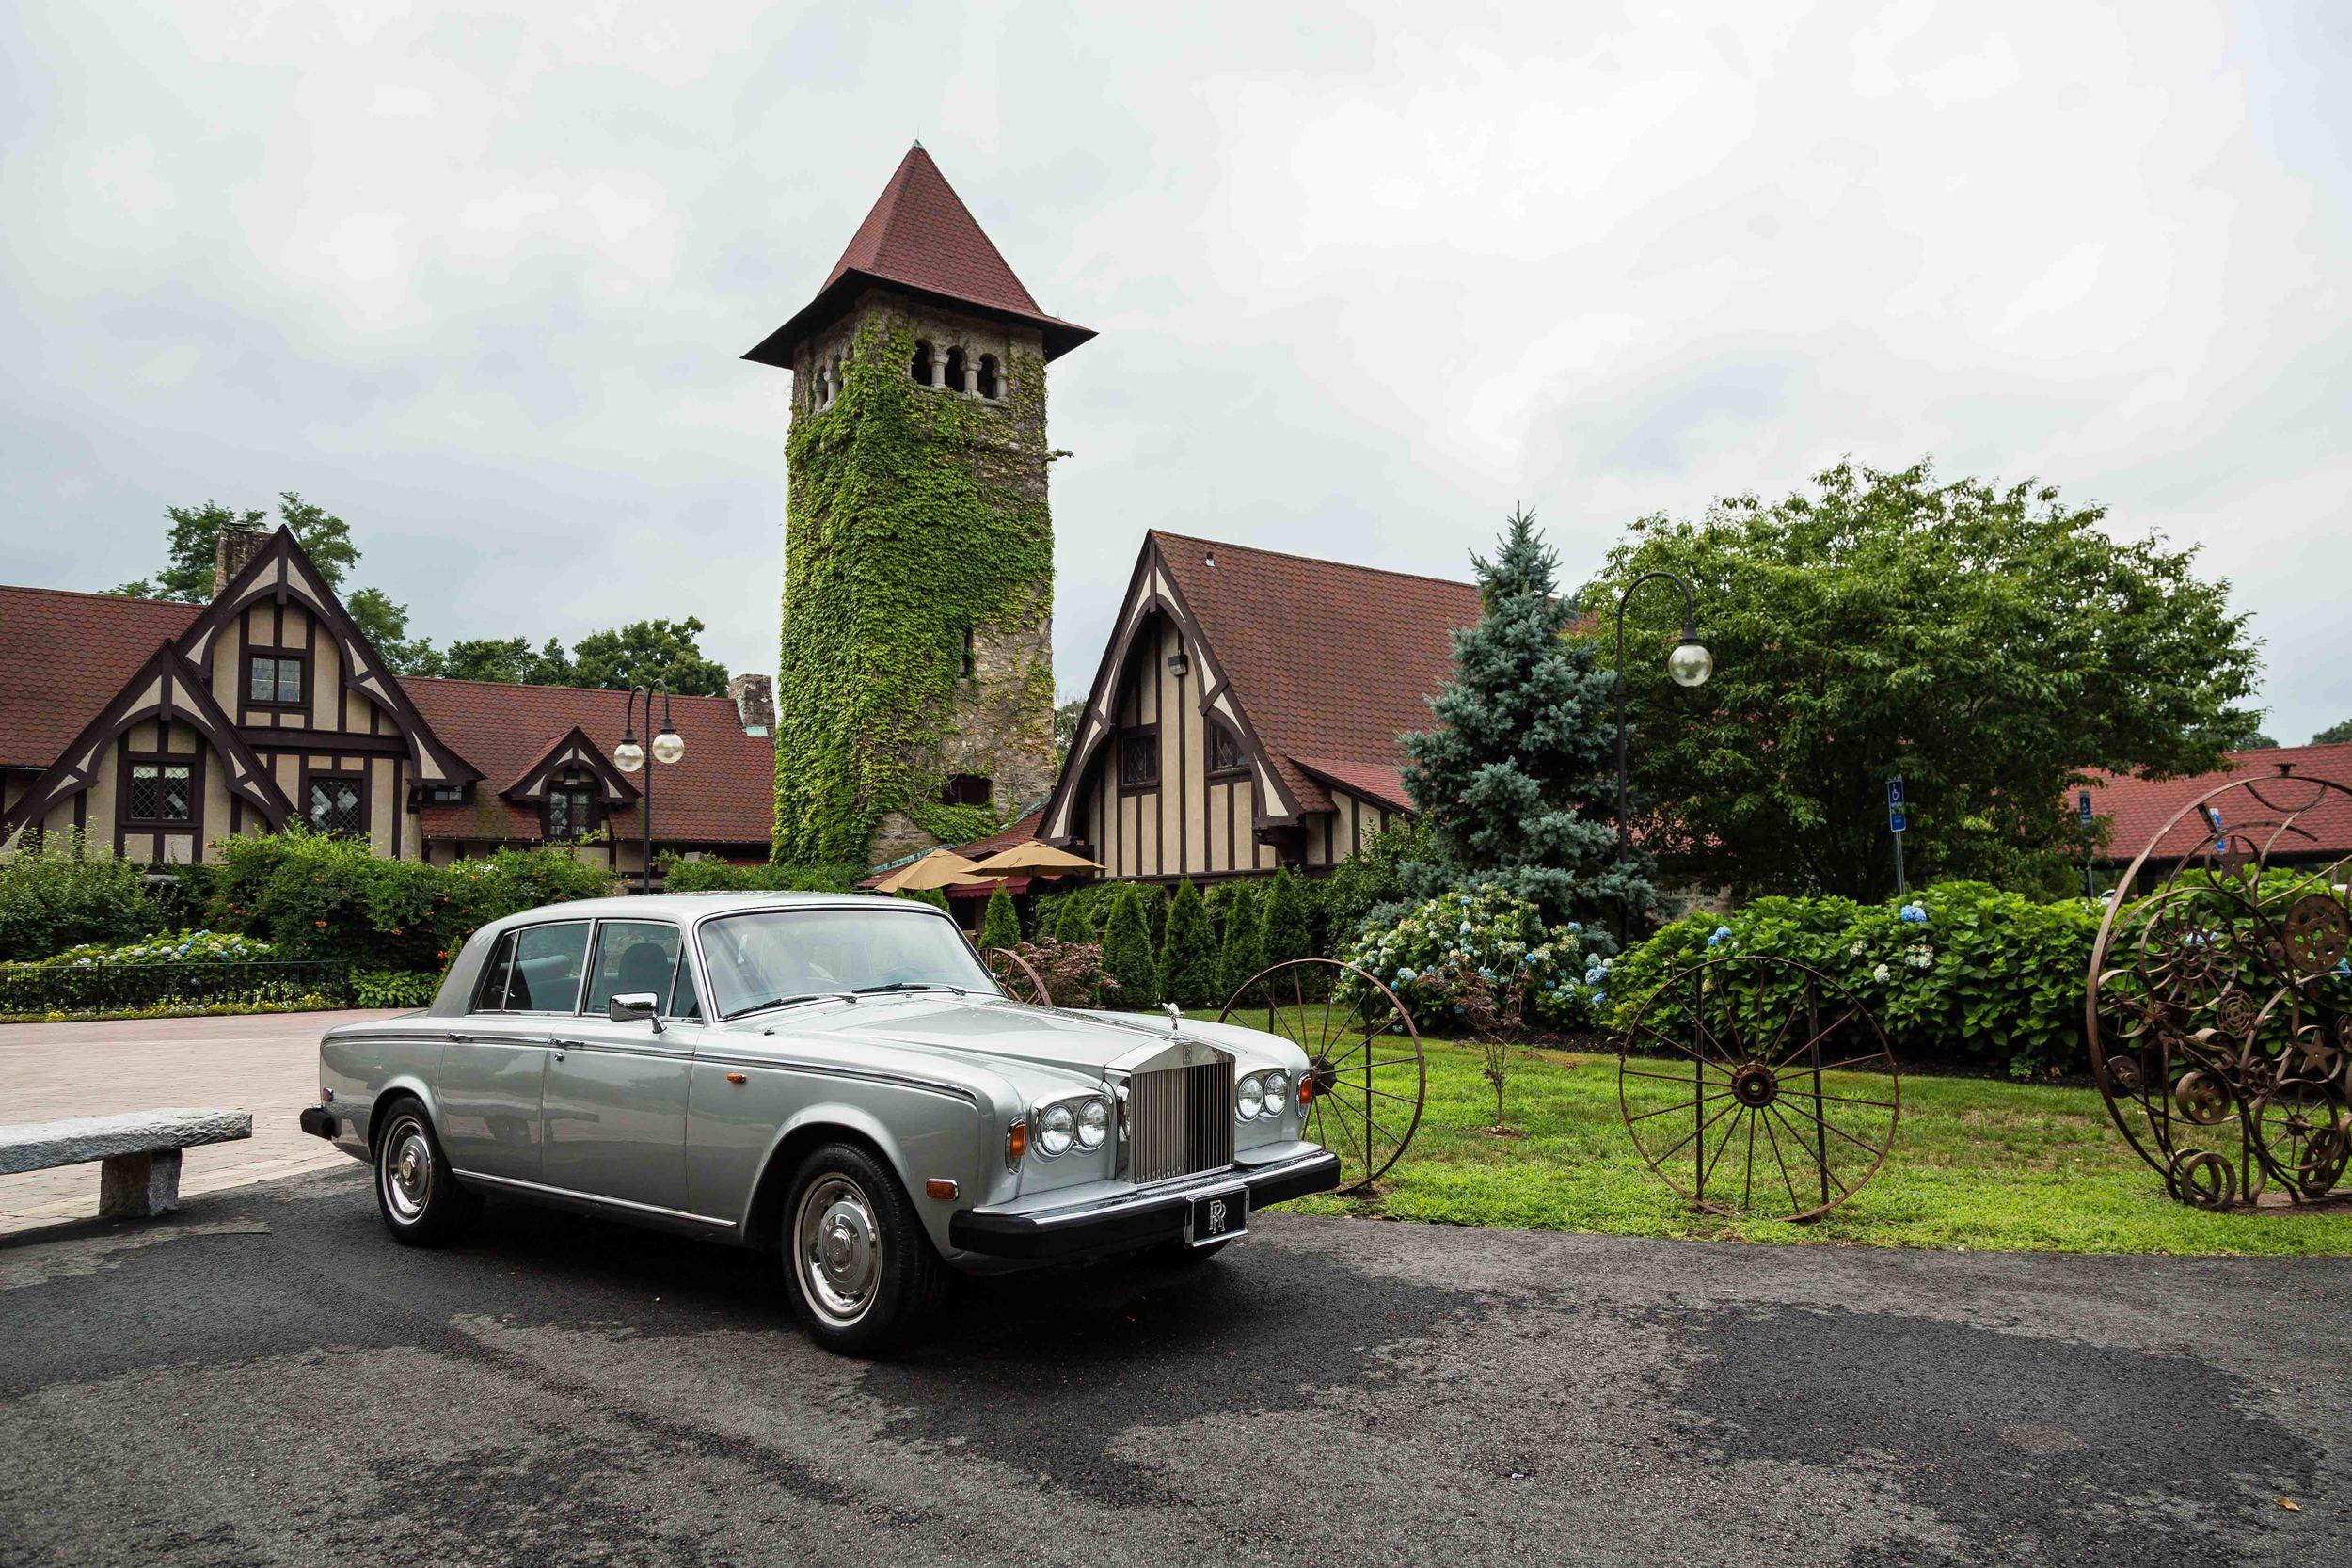 Saint-Clements-Castle-Romantic-Wedding-Connecticut-Photojournalistic-Photography-Jacek-Dolata-2.jpg